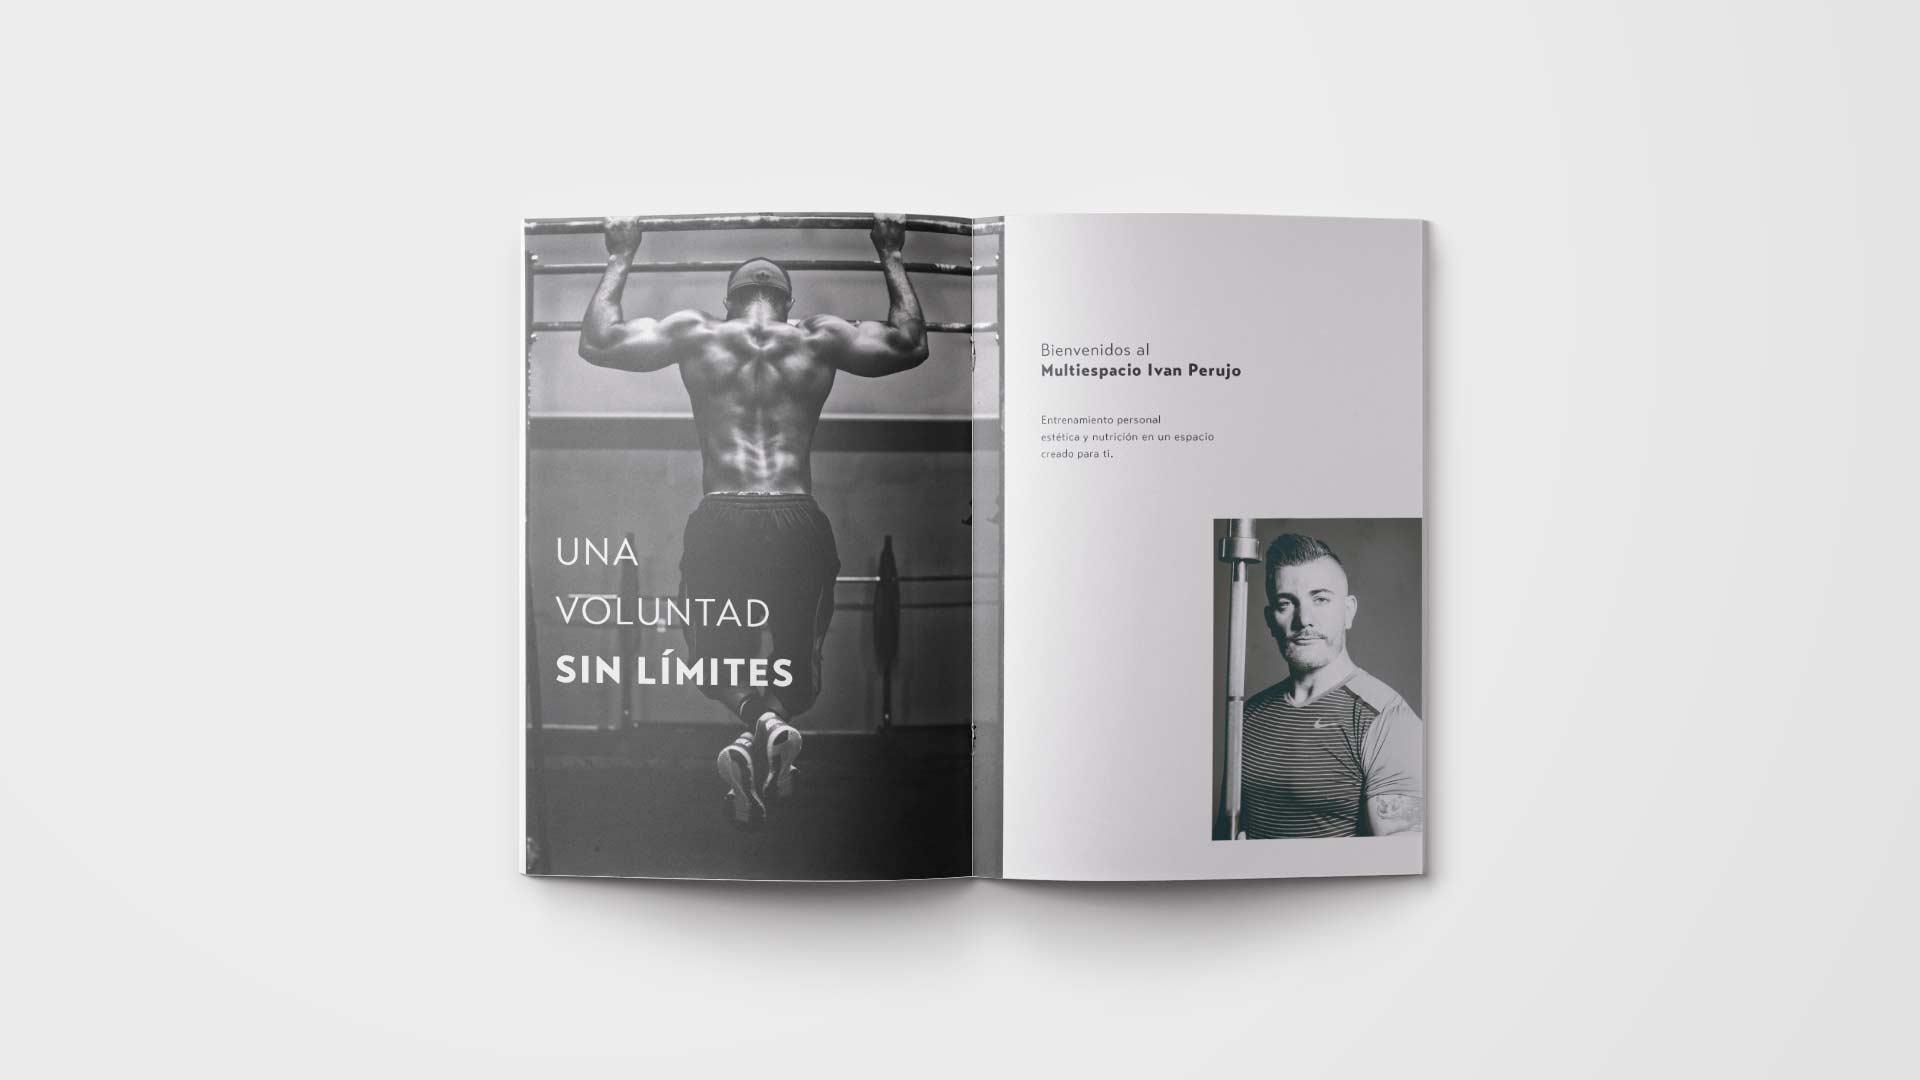 Páginas interiores del dossier de Iván Perujo